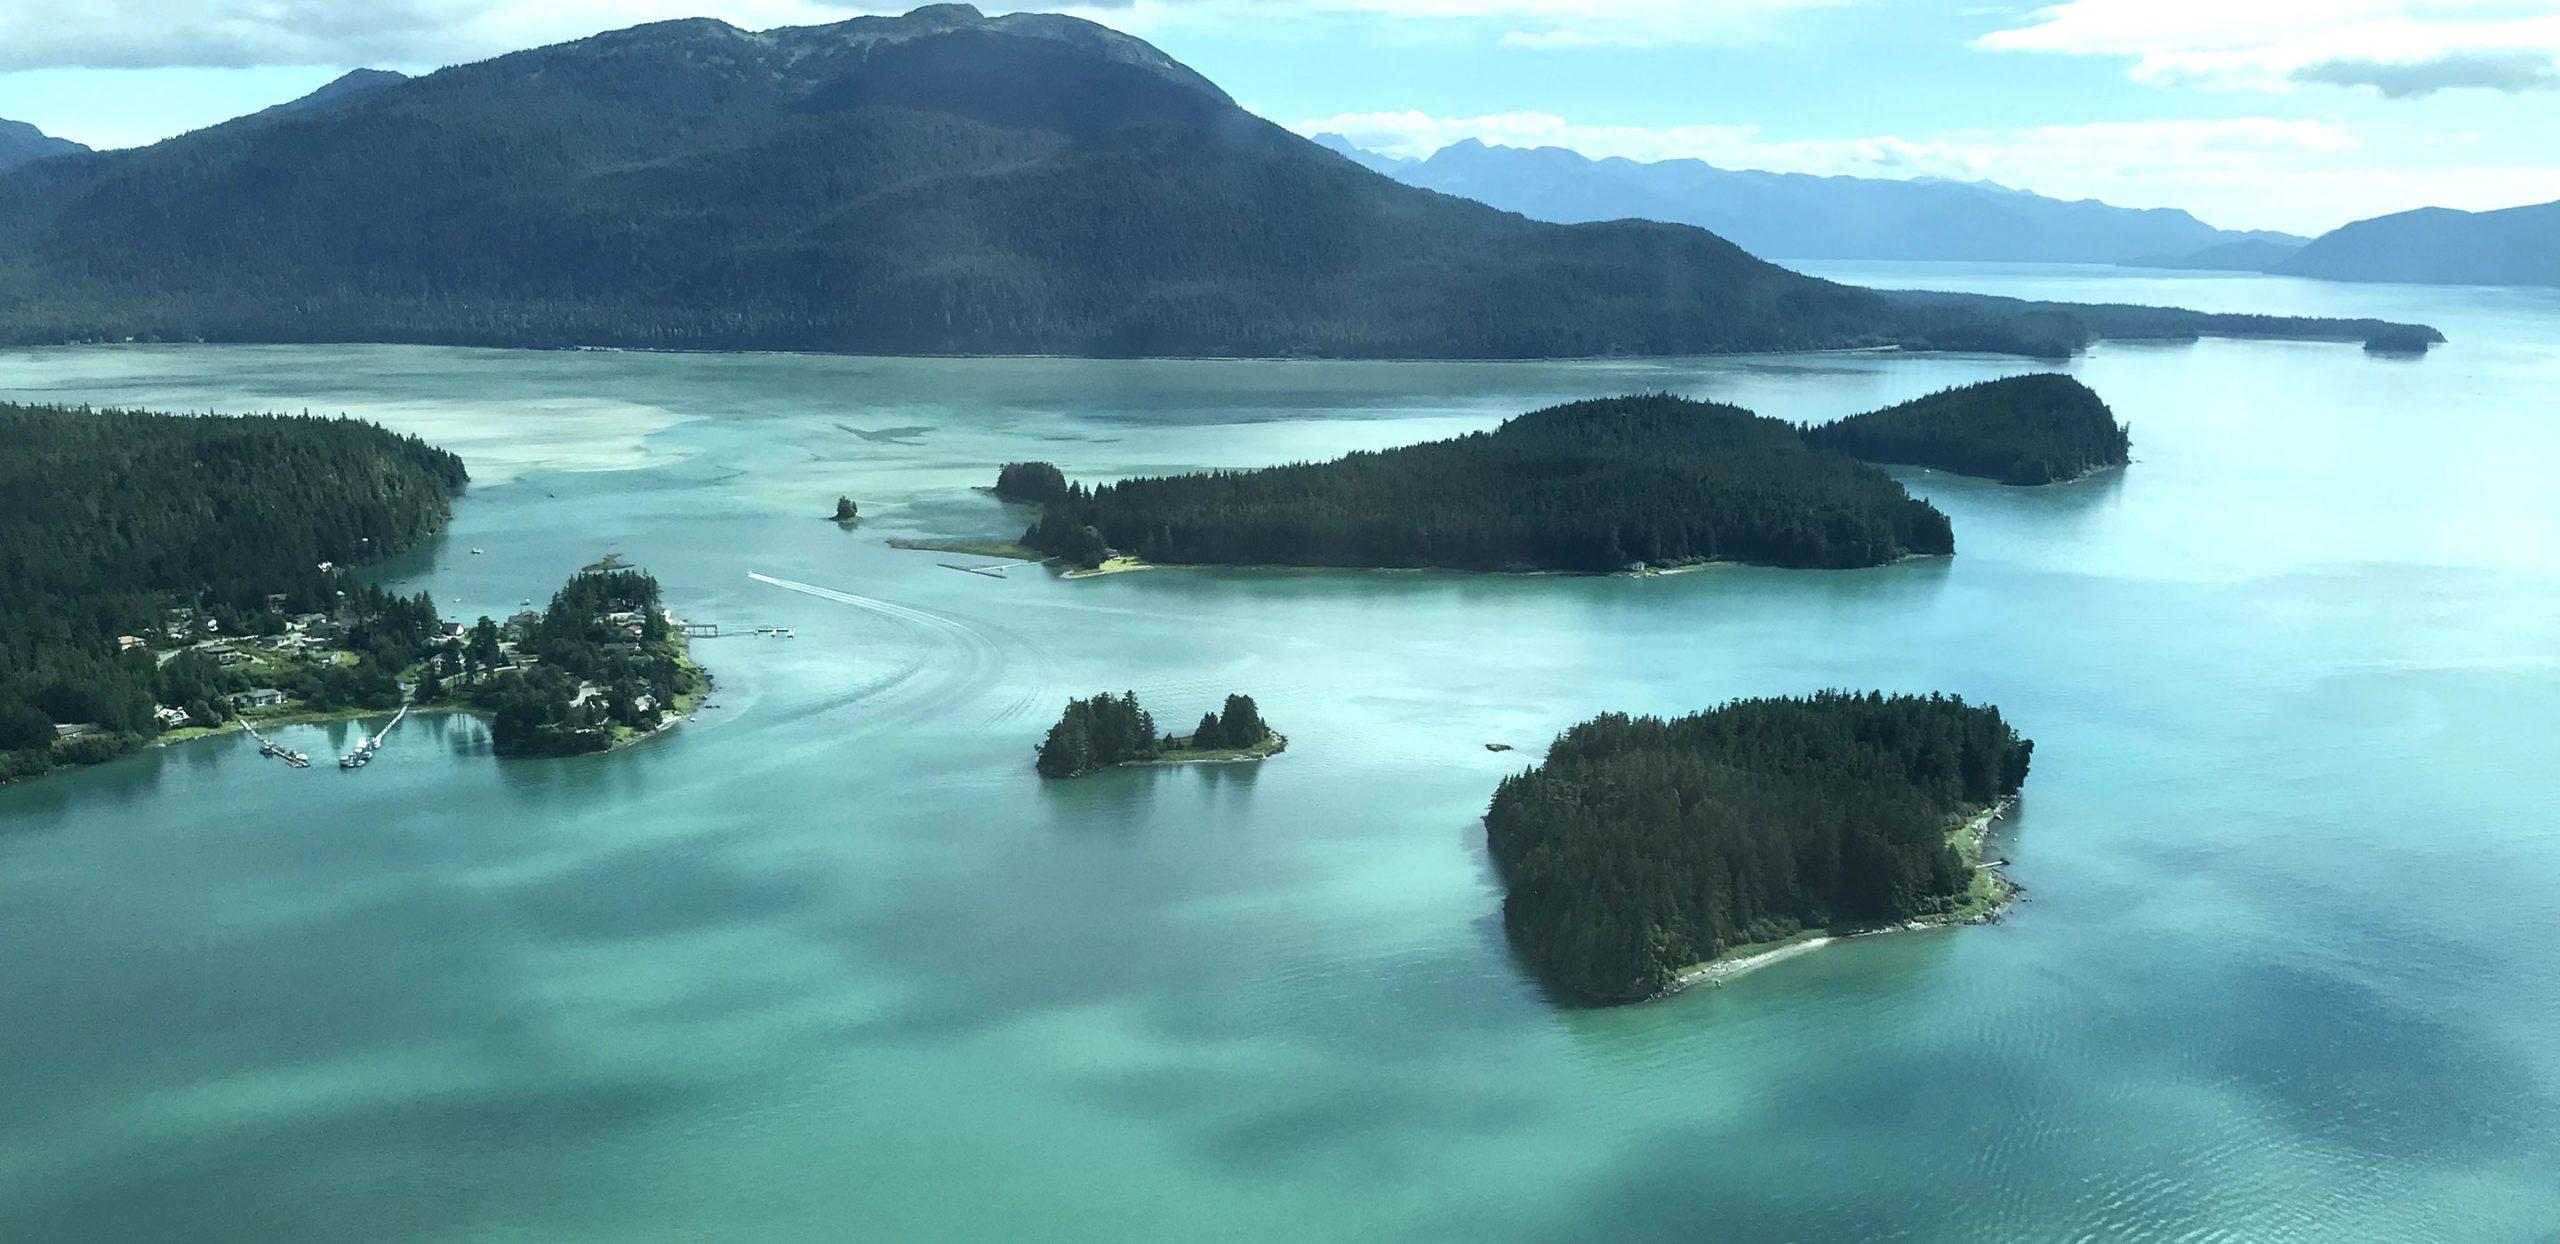 Tatshenshini River Rafting Alaska - Flight to Haines Alaska. Photo Erik Meldrum